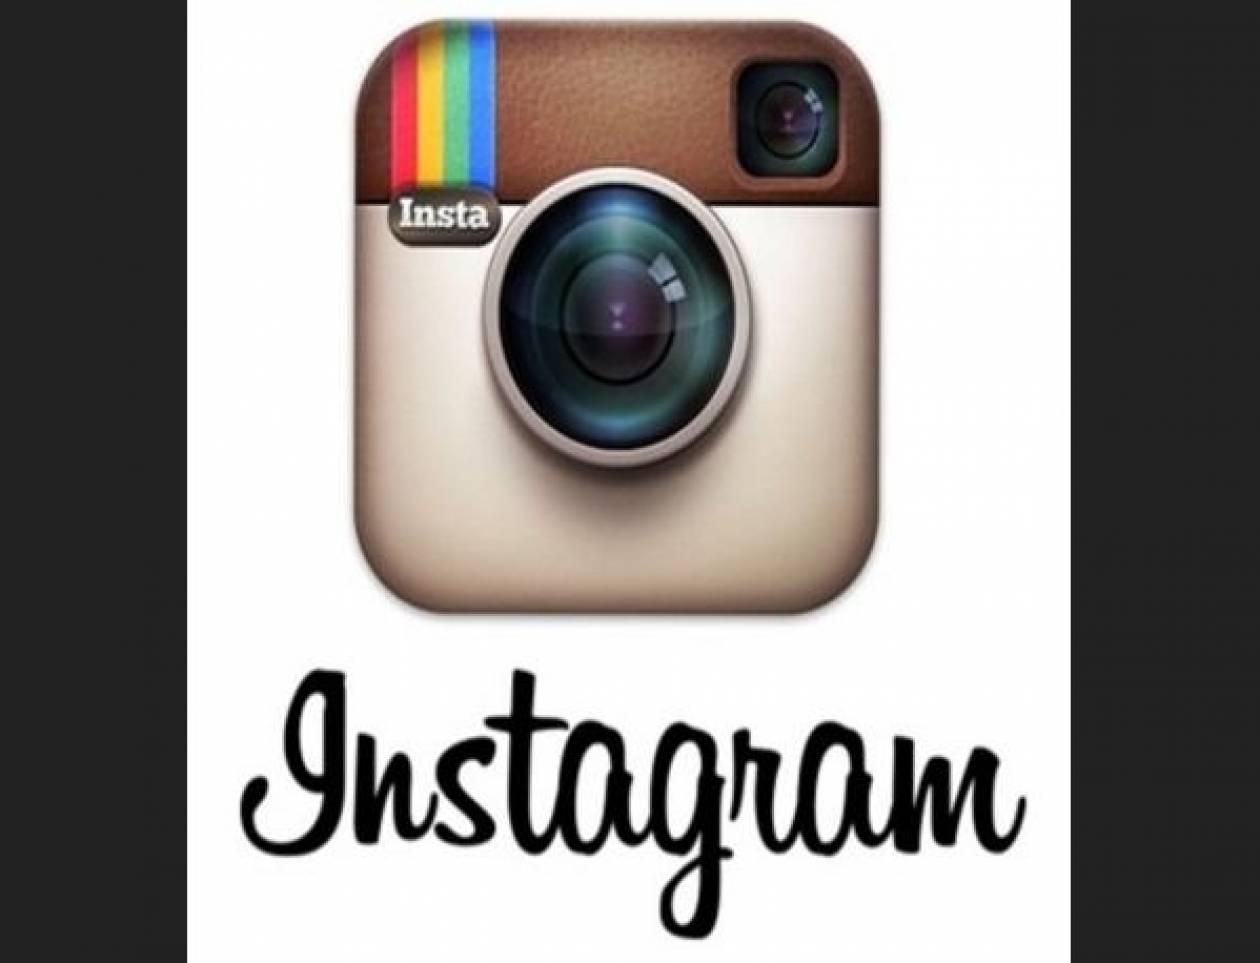 Το Instagram θα έχει το δικαίωμα να πουλάει τις φωτογραφίες μας